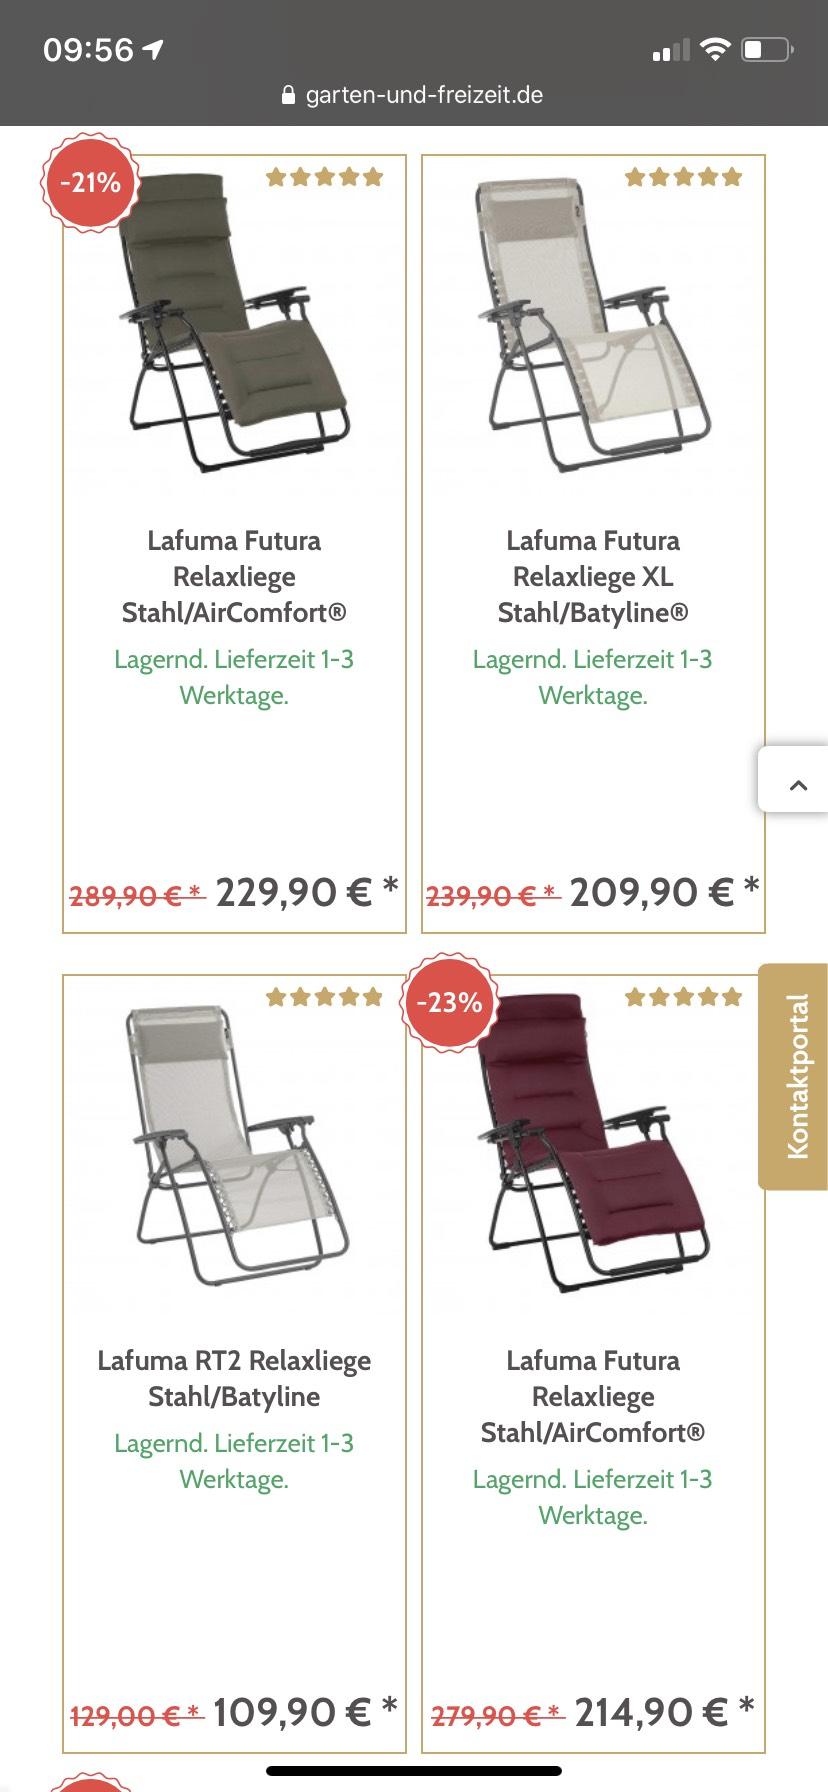 15€ Rabatt beim Kauf von 2 Lafuma-Relaxliegen